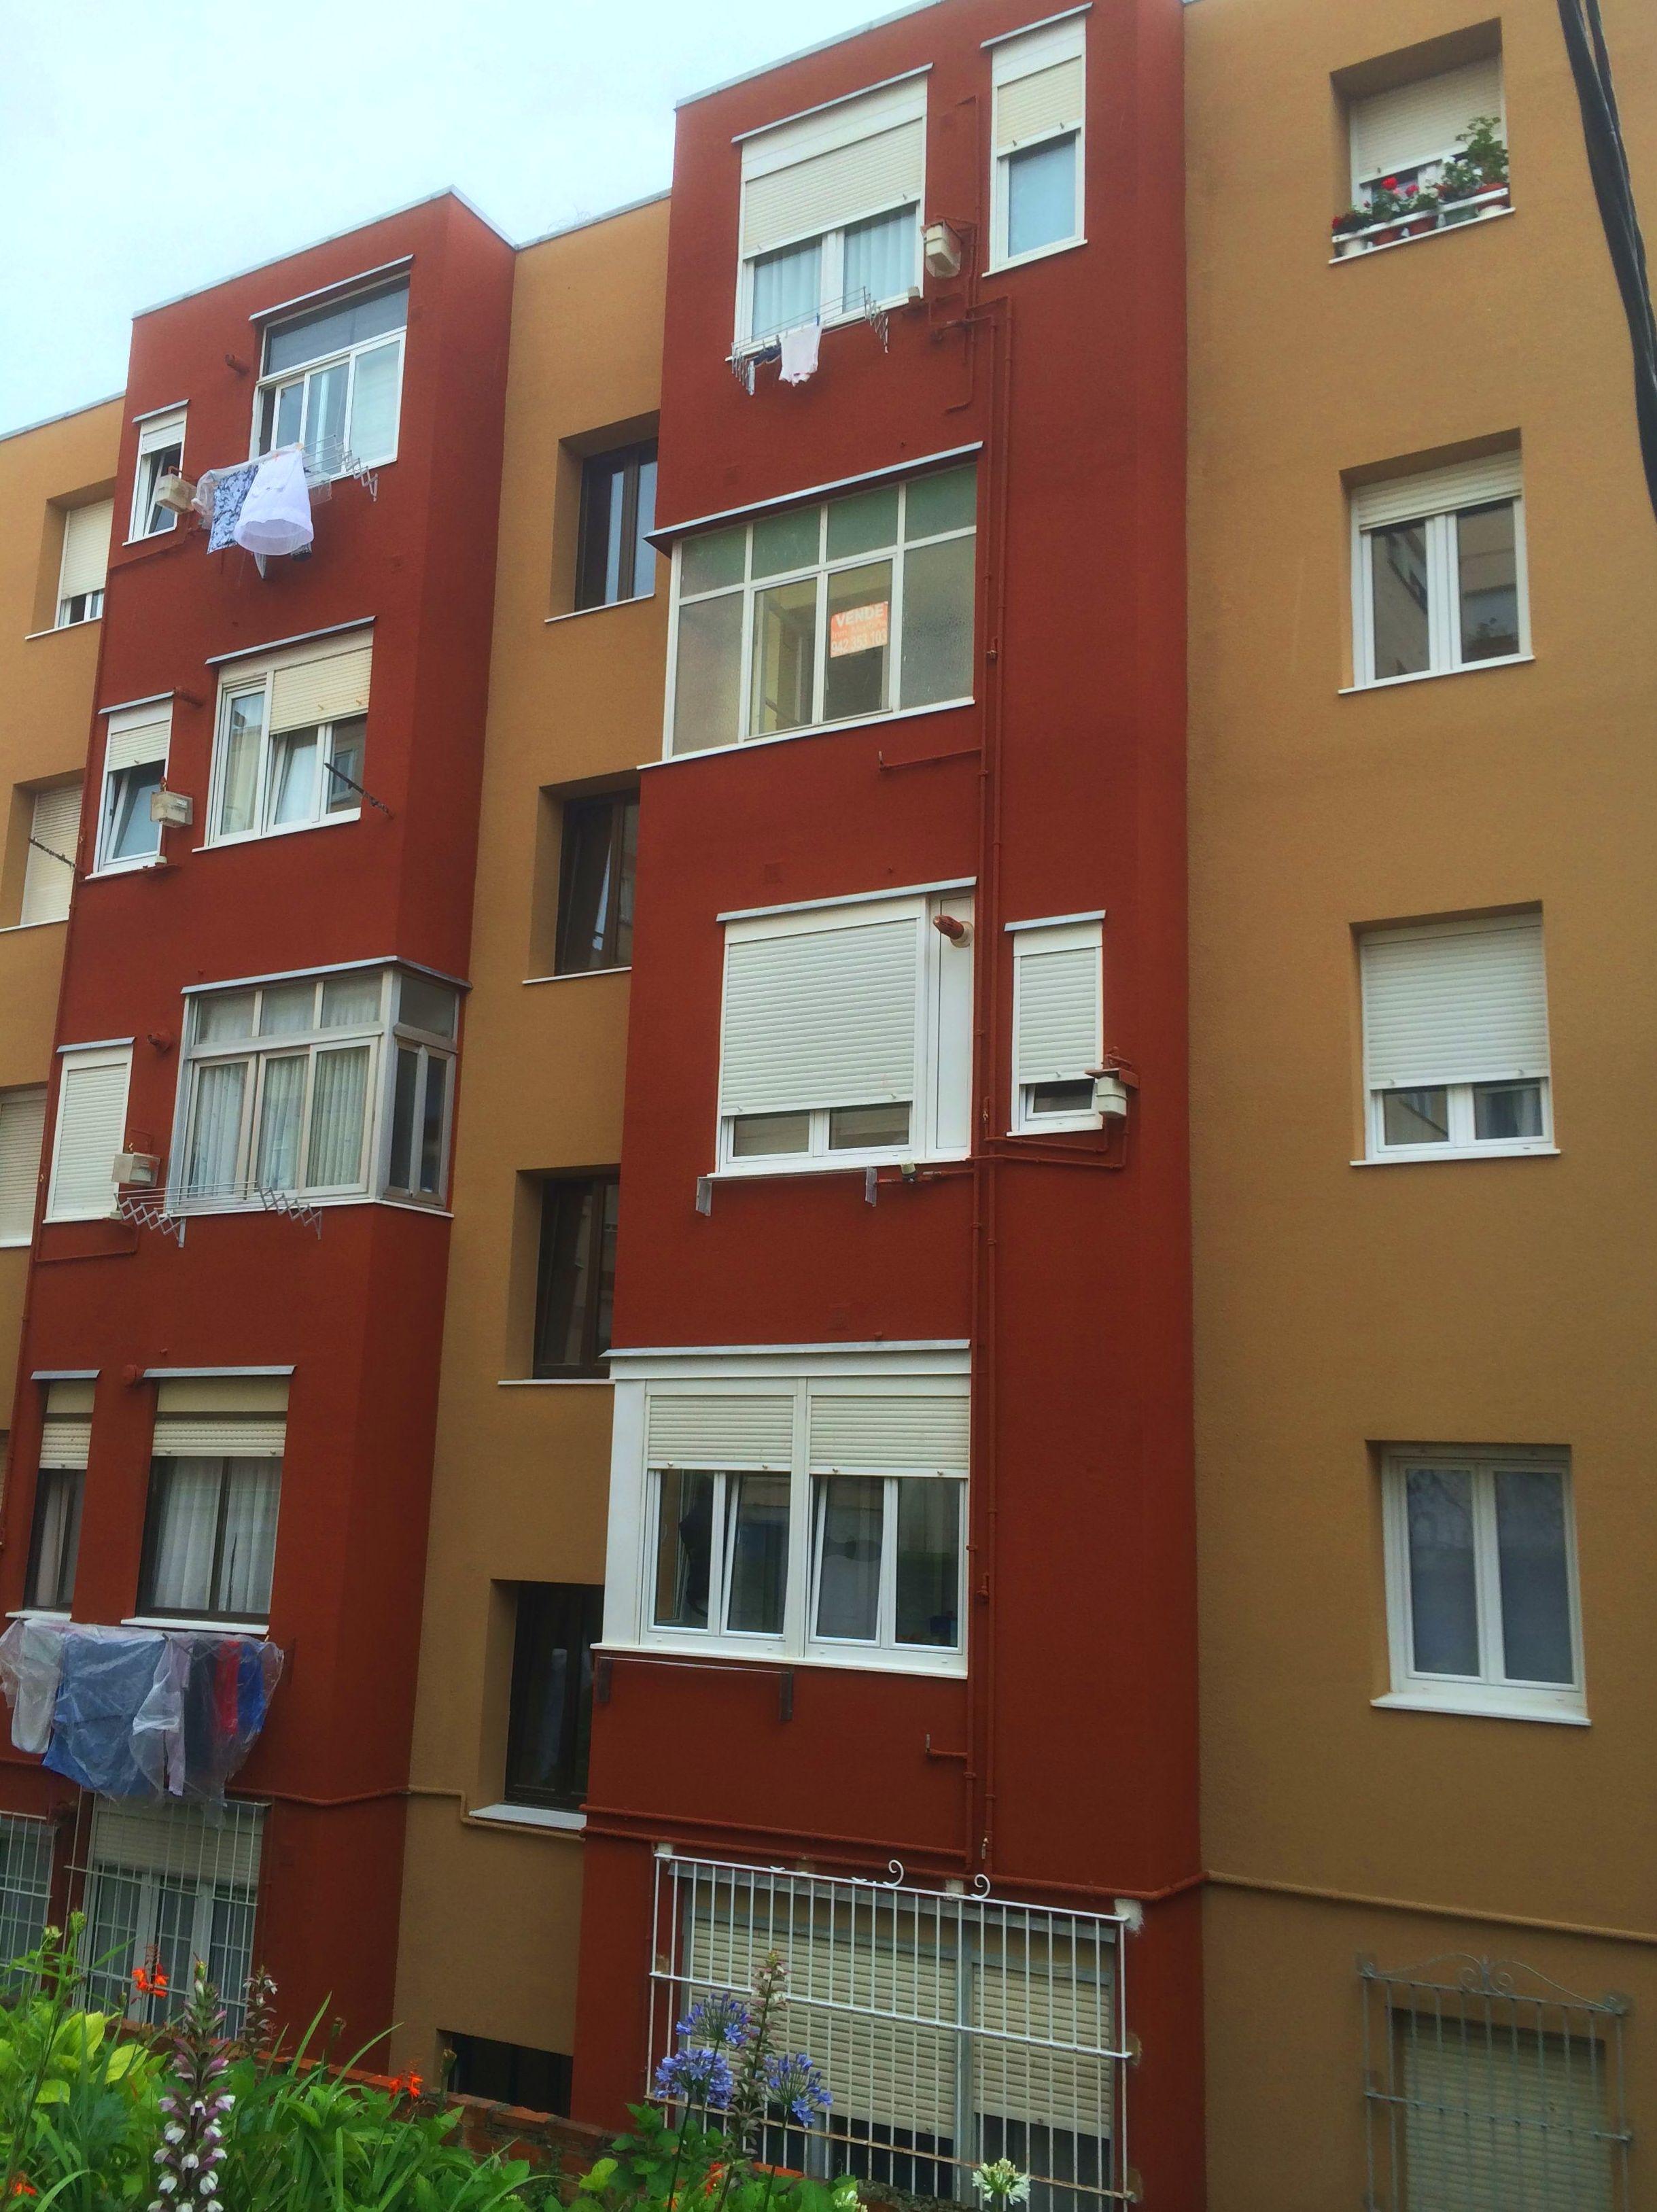 Rehabilitación de fachadas con aislamiento térmico en Torrelavega